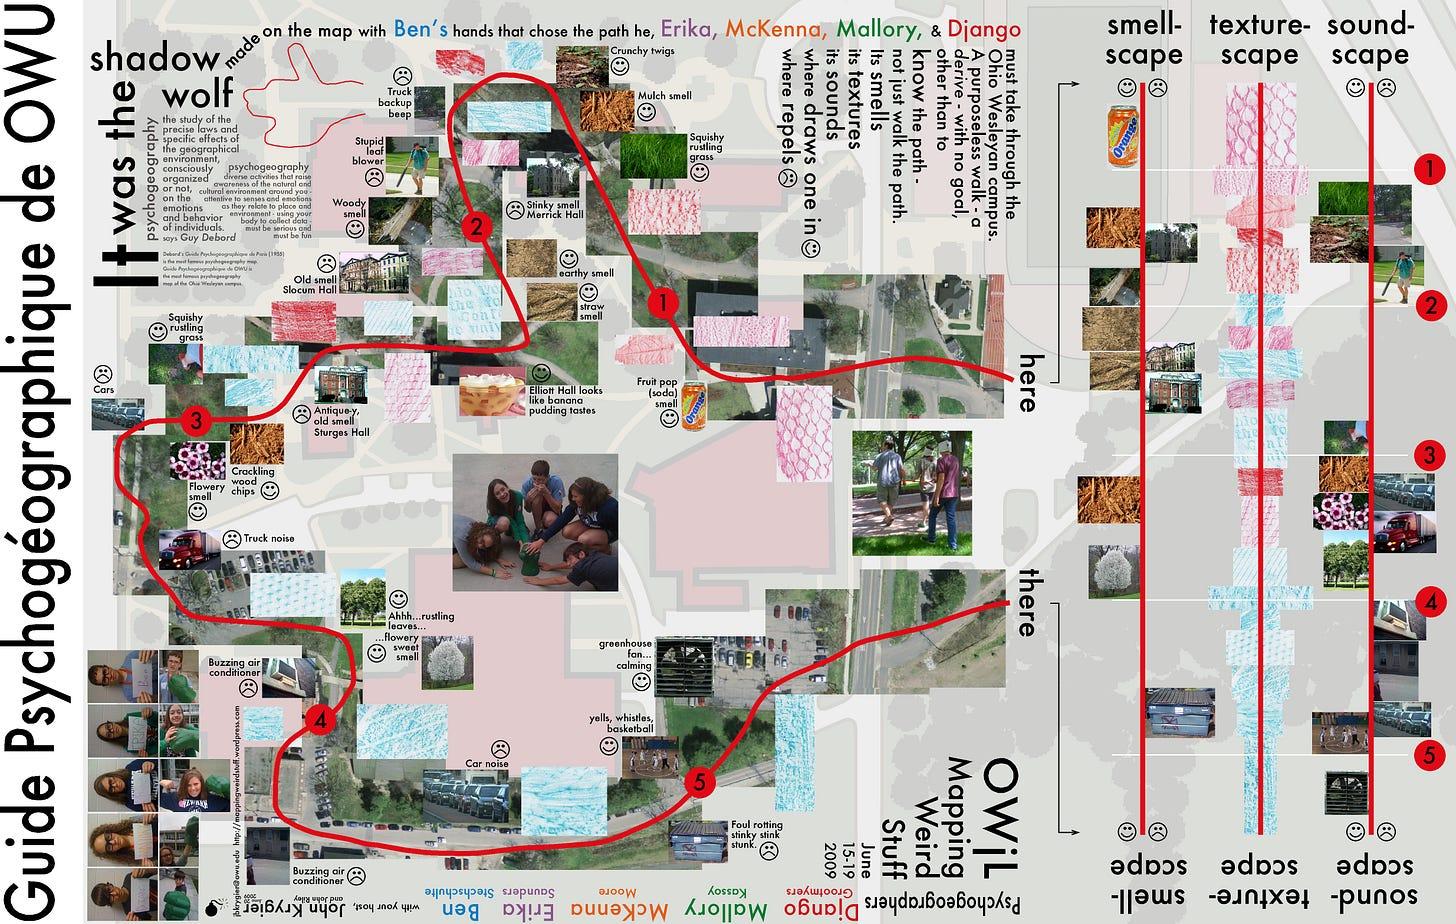 https://mappingweirdstuff.files.wordpress.com/2009/06/owjl-finalmap2.jpg